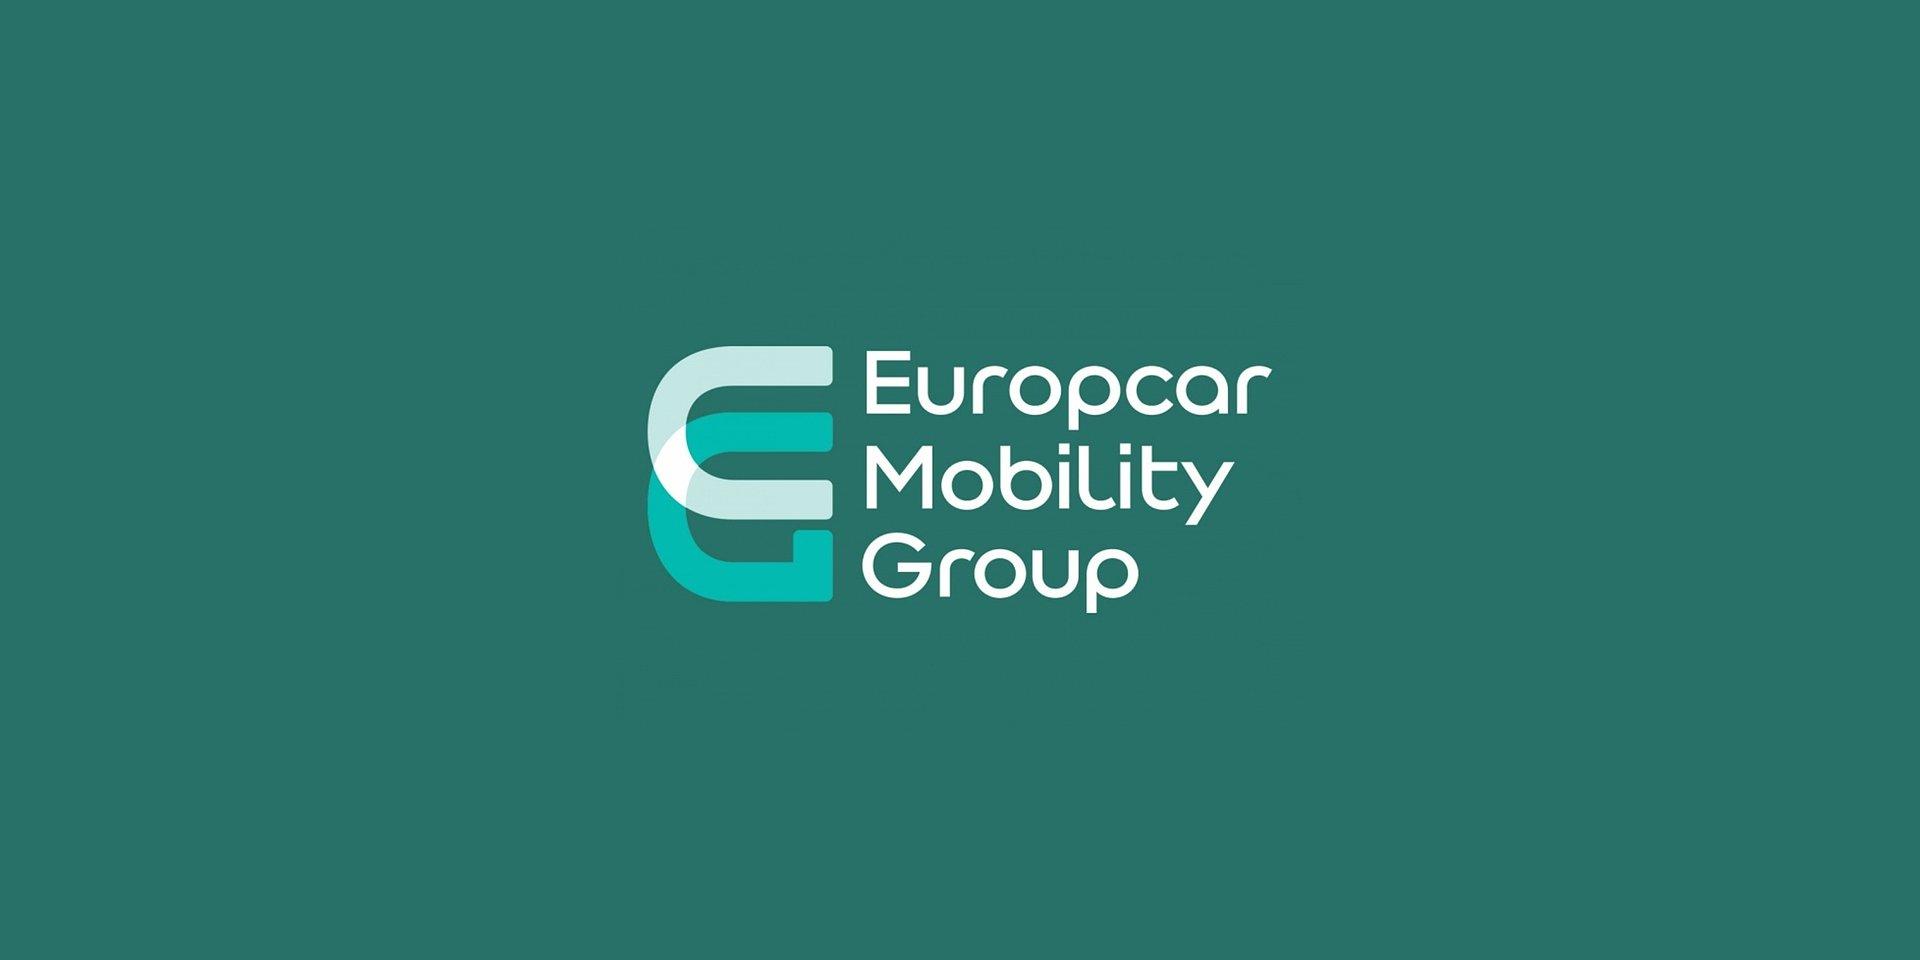 O Europcar Mobility Group recebe pela primeira vez uma classificação de Ouro da EcoVadis